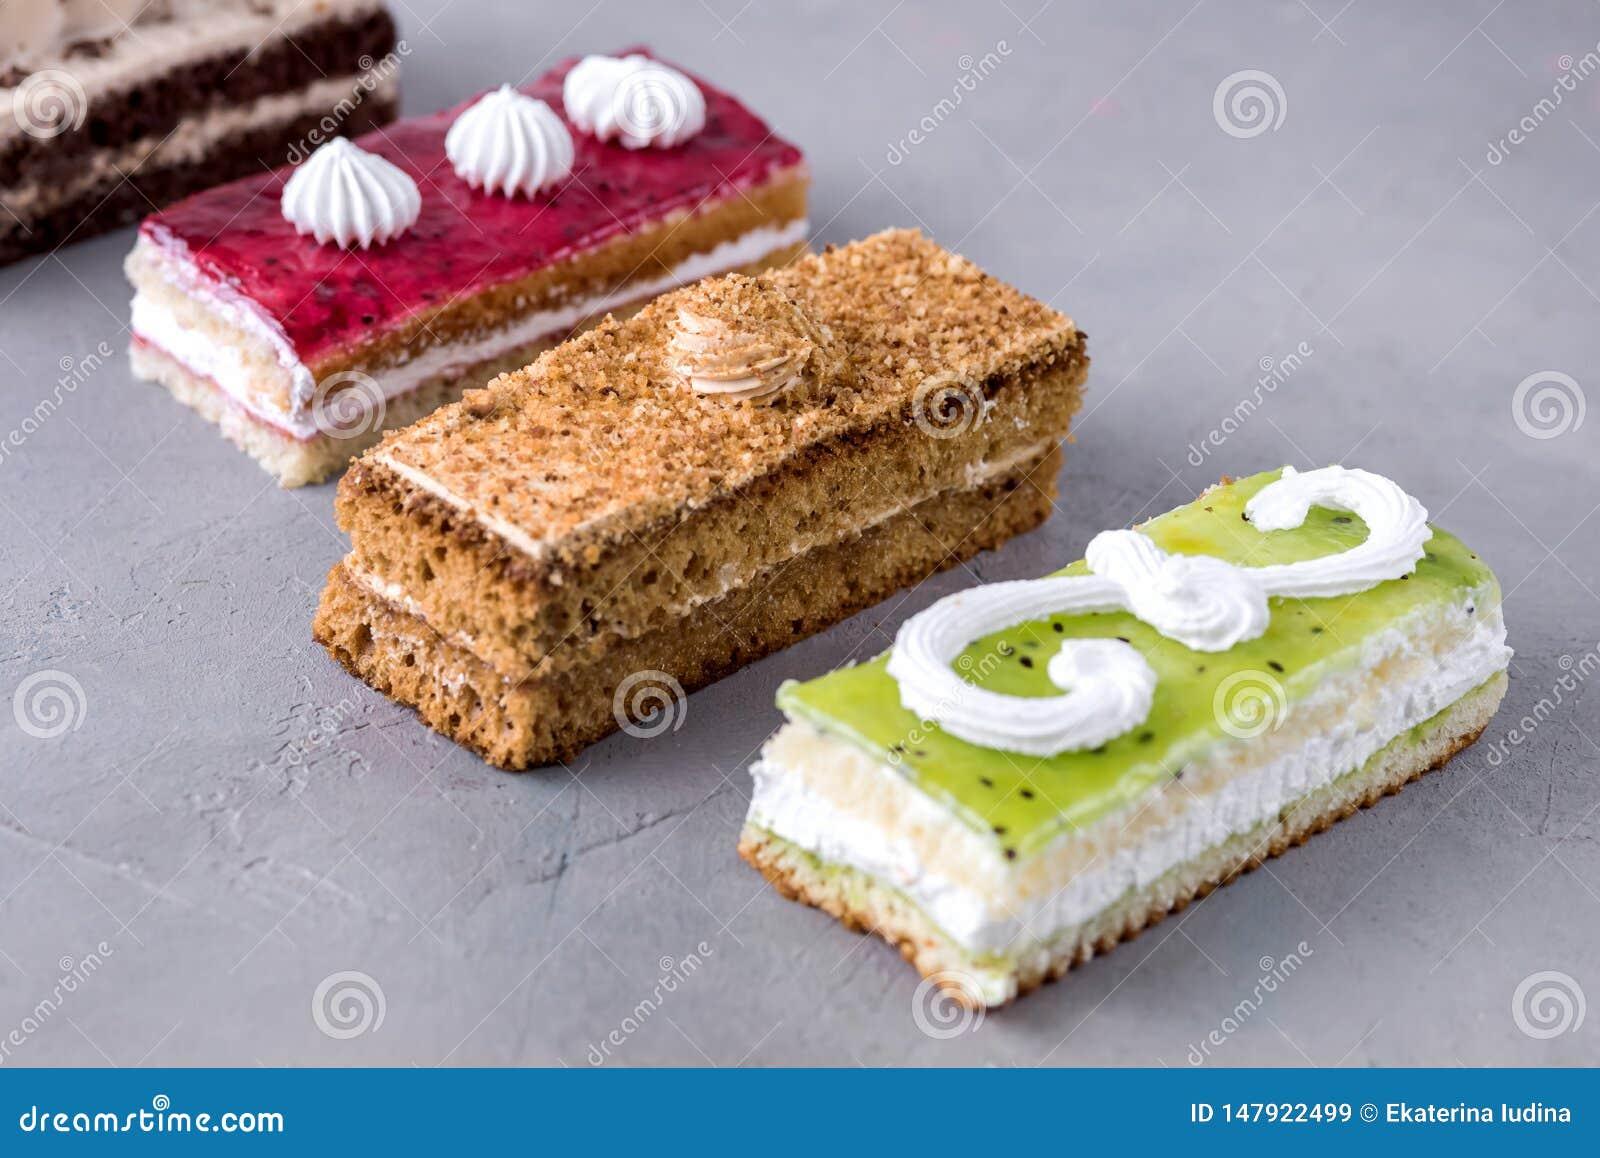 被分类的不同的微型蛋糕用奶油色咖啡巧克力盐溶了焦糖和莓果在水平的鲜美微型蛋糕点心上